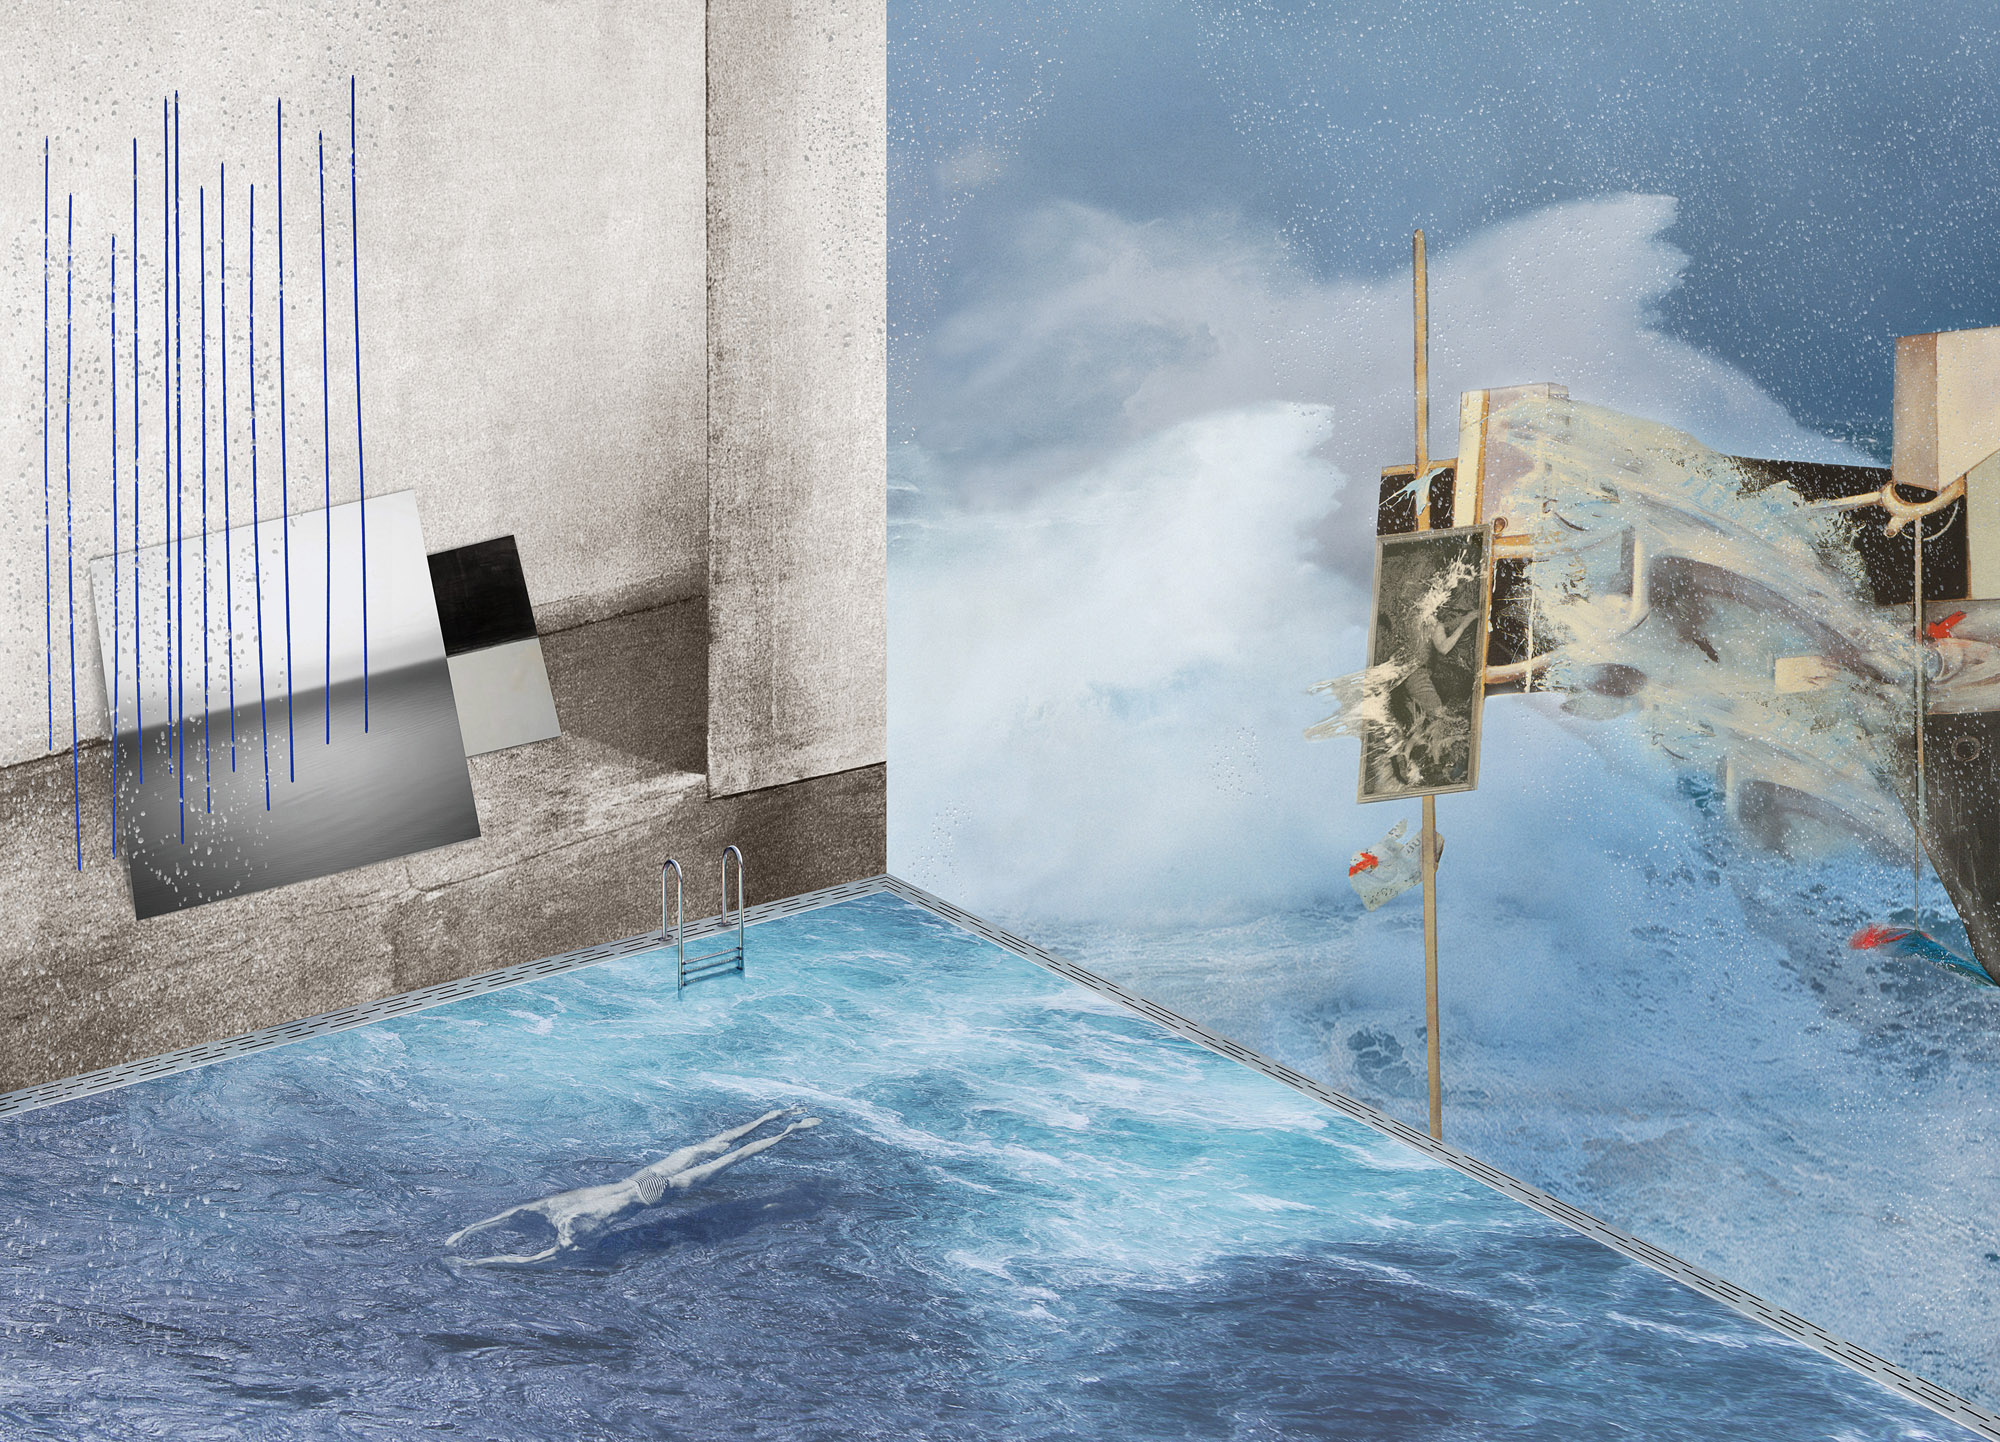 Wasser, 2014, C-print, 180 x 250 cm.